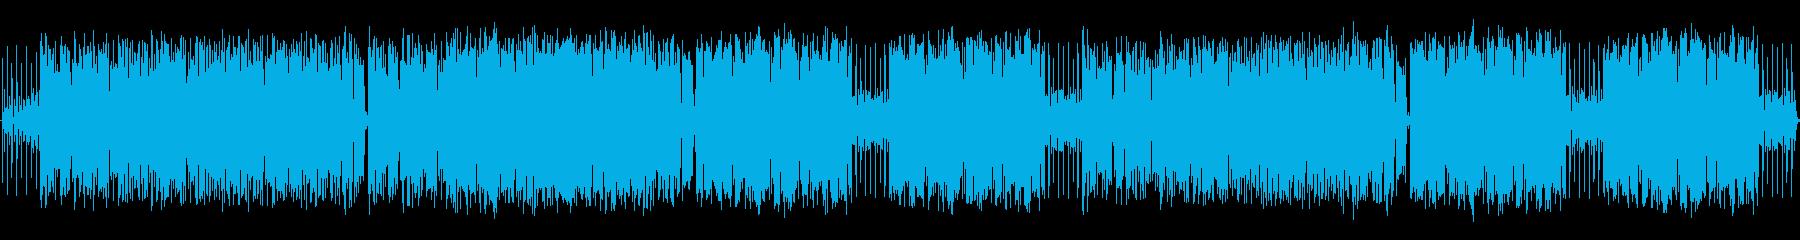 パズルゲームに合うフュージョン曲の再生済みの波形